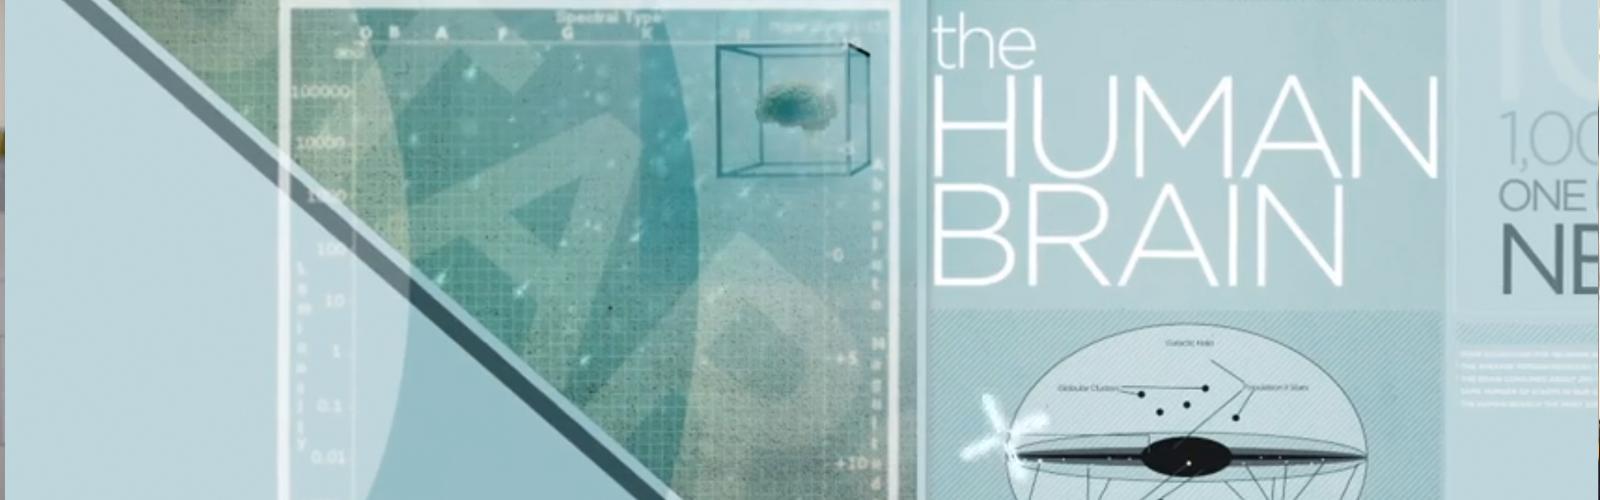 TheHumanBrain-2